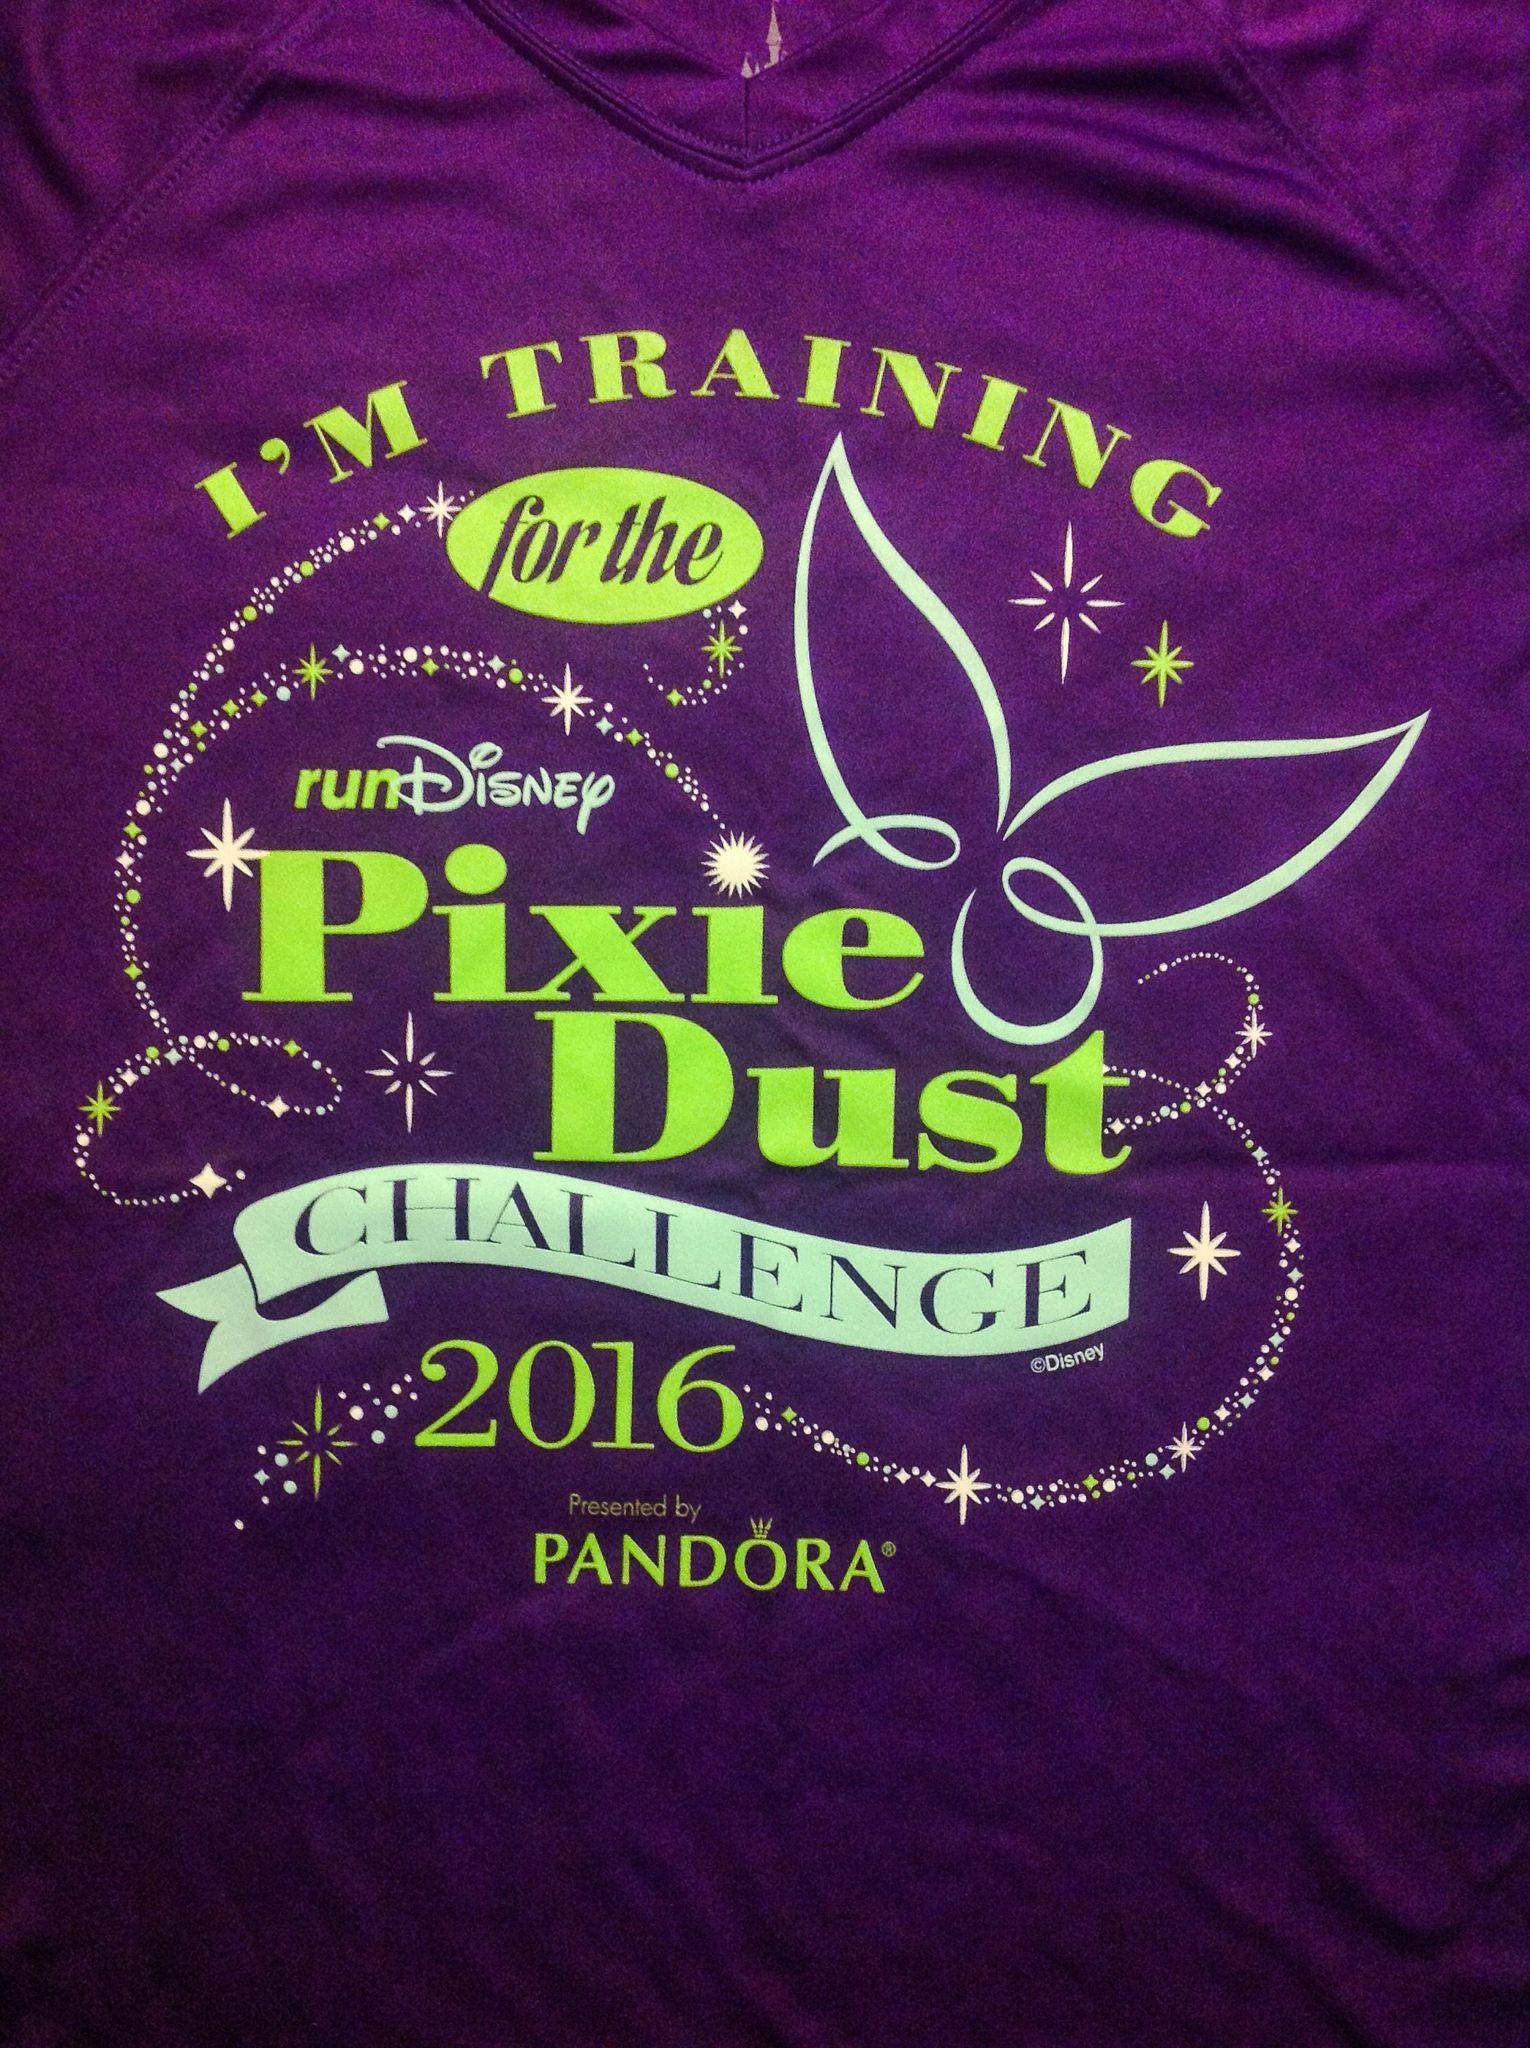 Pixie Dust Challenge,  Tinkerbell Half Marathon Weekend 2016,  Disneyland,  training shirt